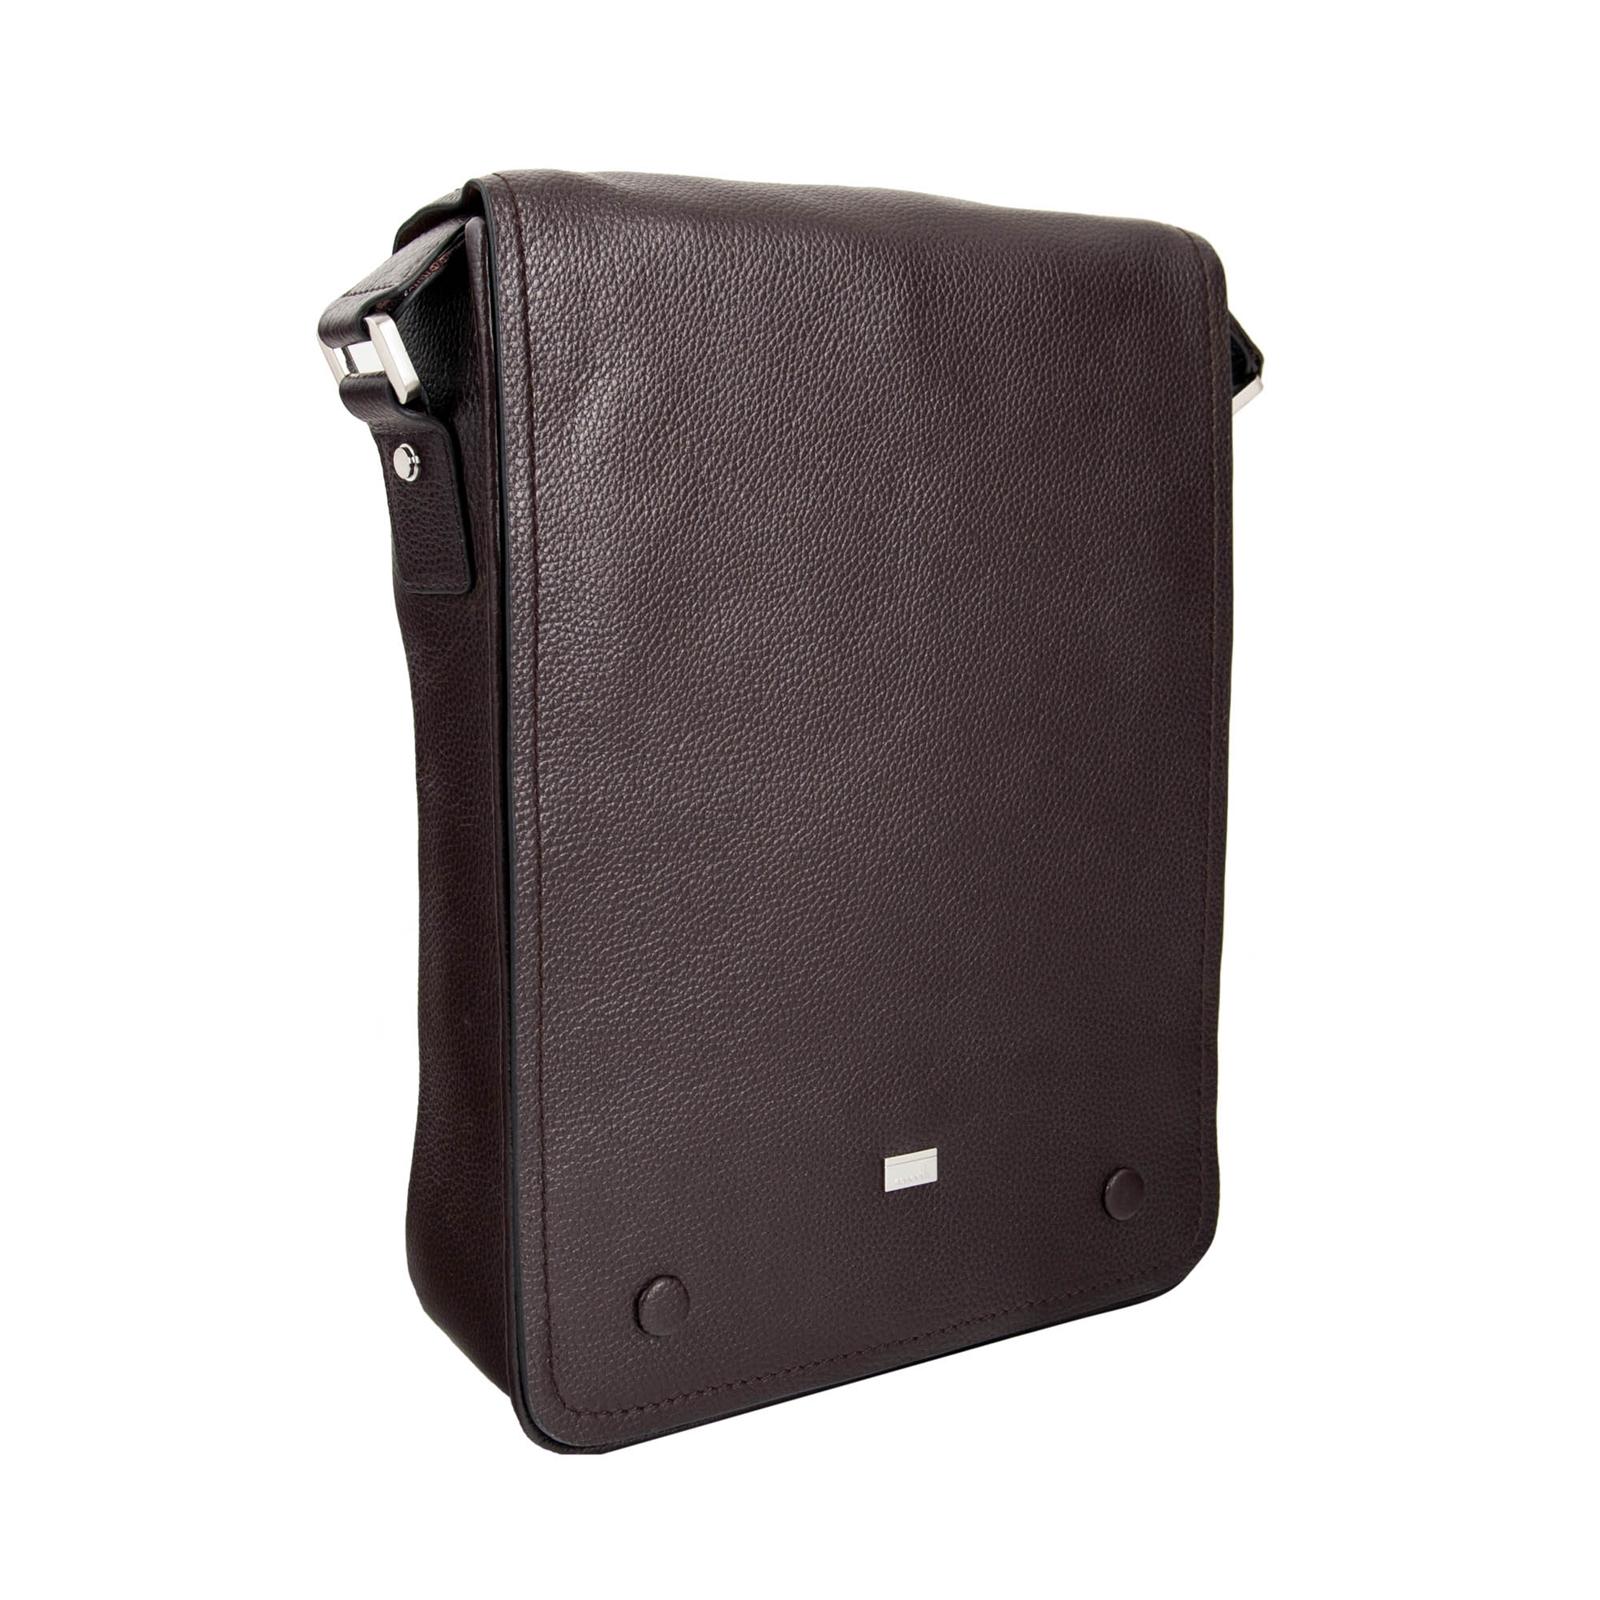 LEATHER SHOULDER BAG- 139-1044